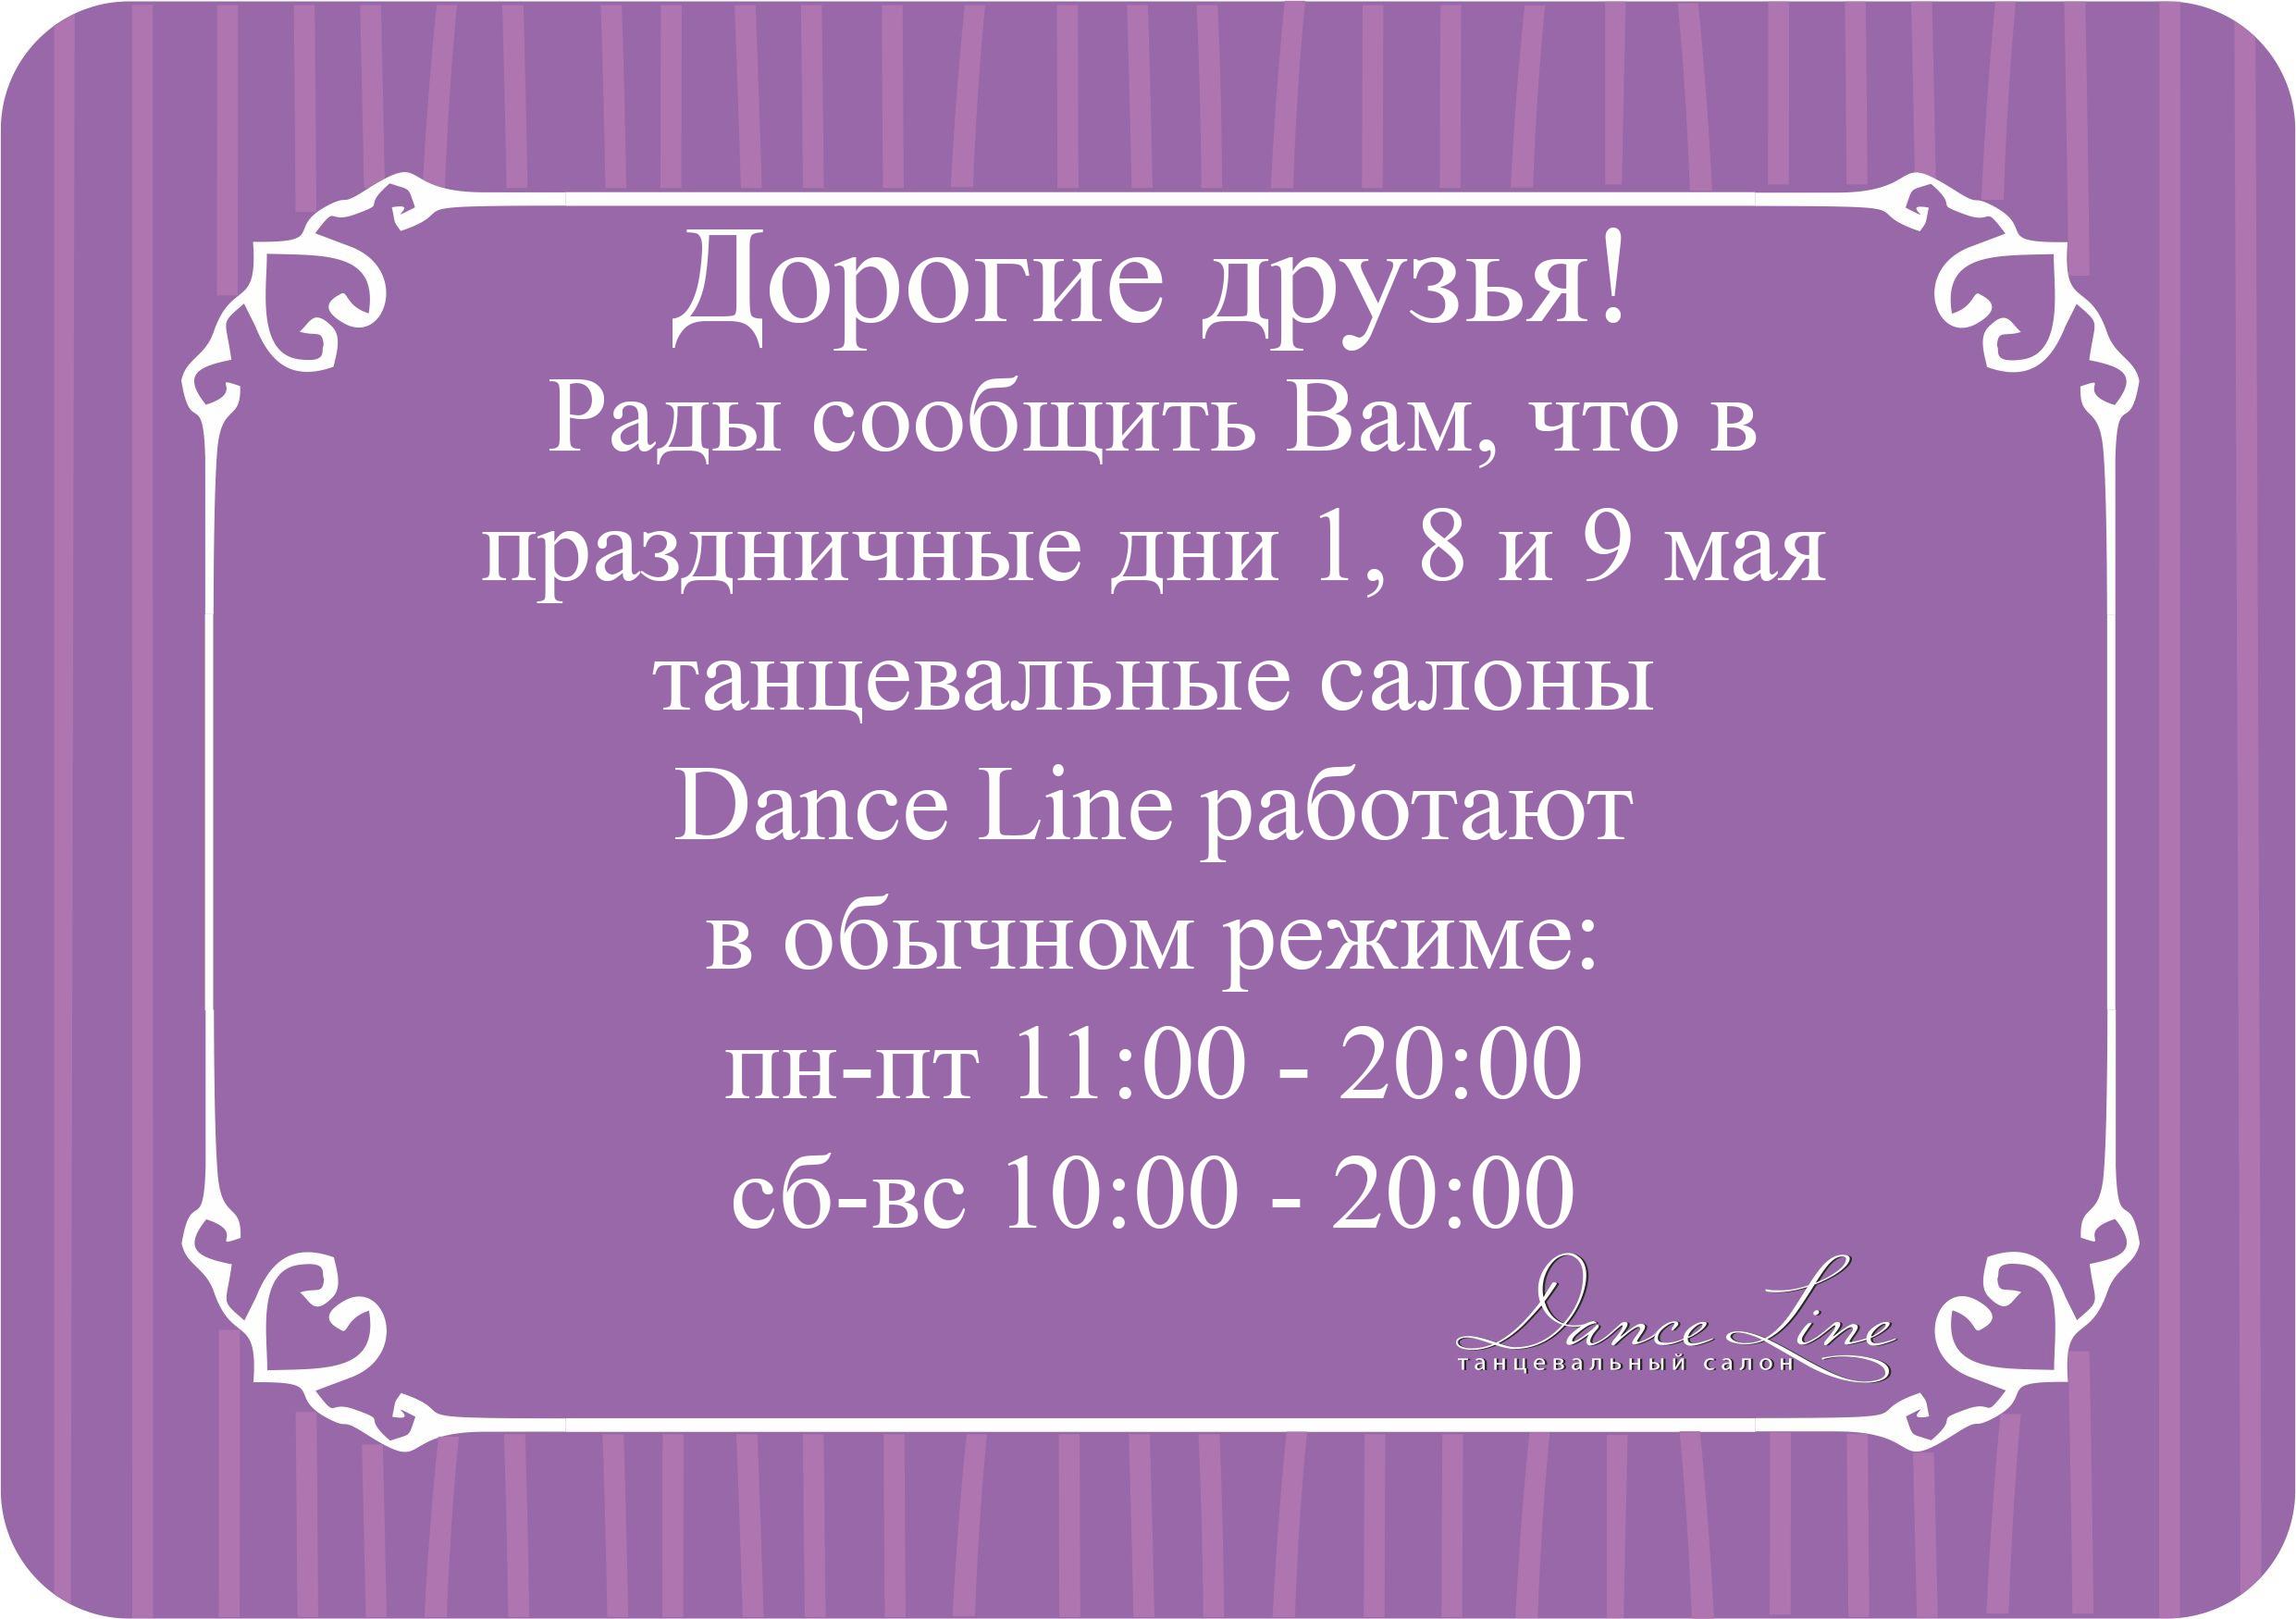 РЕЖИМ РАБОТЫ САЛОНА DANCE LINE В МАЙСКИЕ ПРАЗДНИКИ 2017